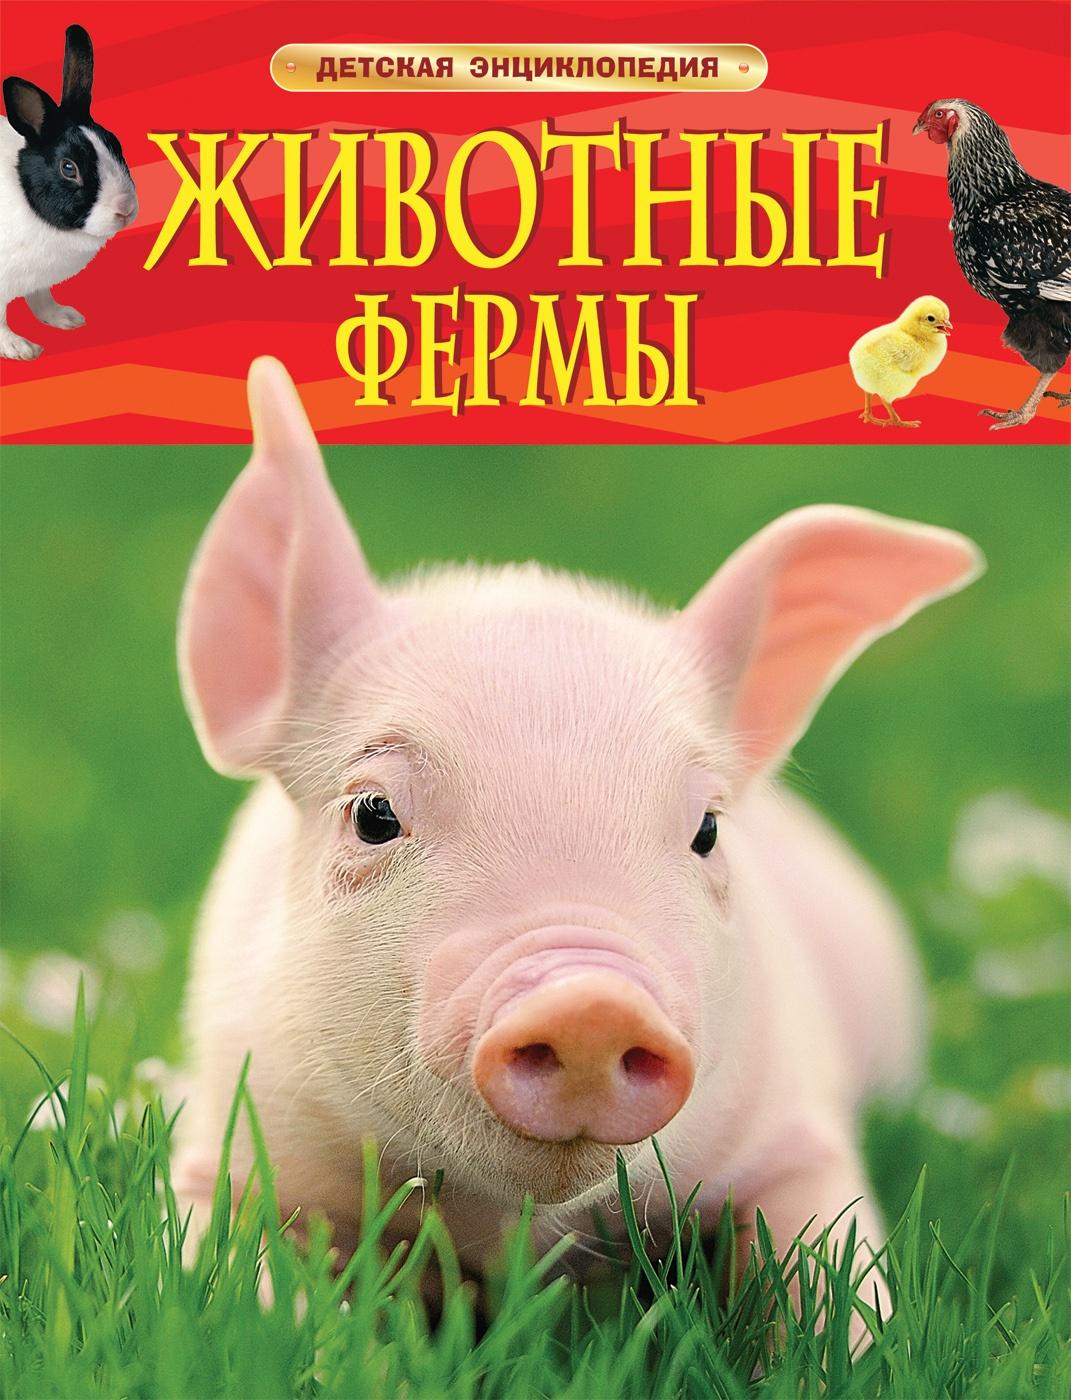 Детская энциклопедия \